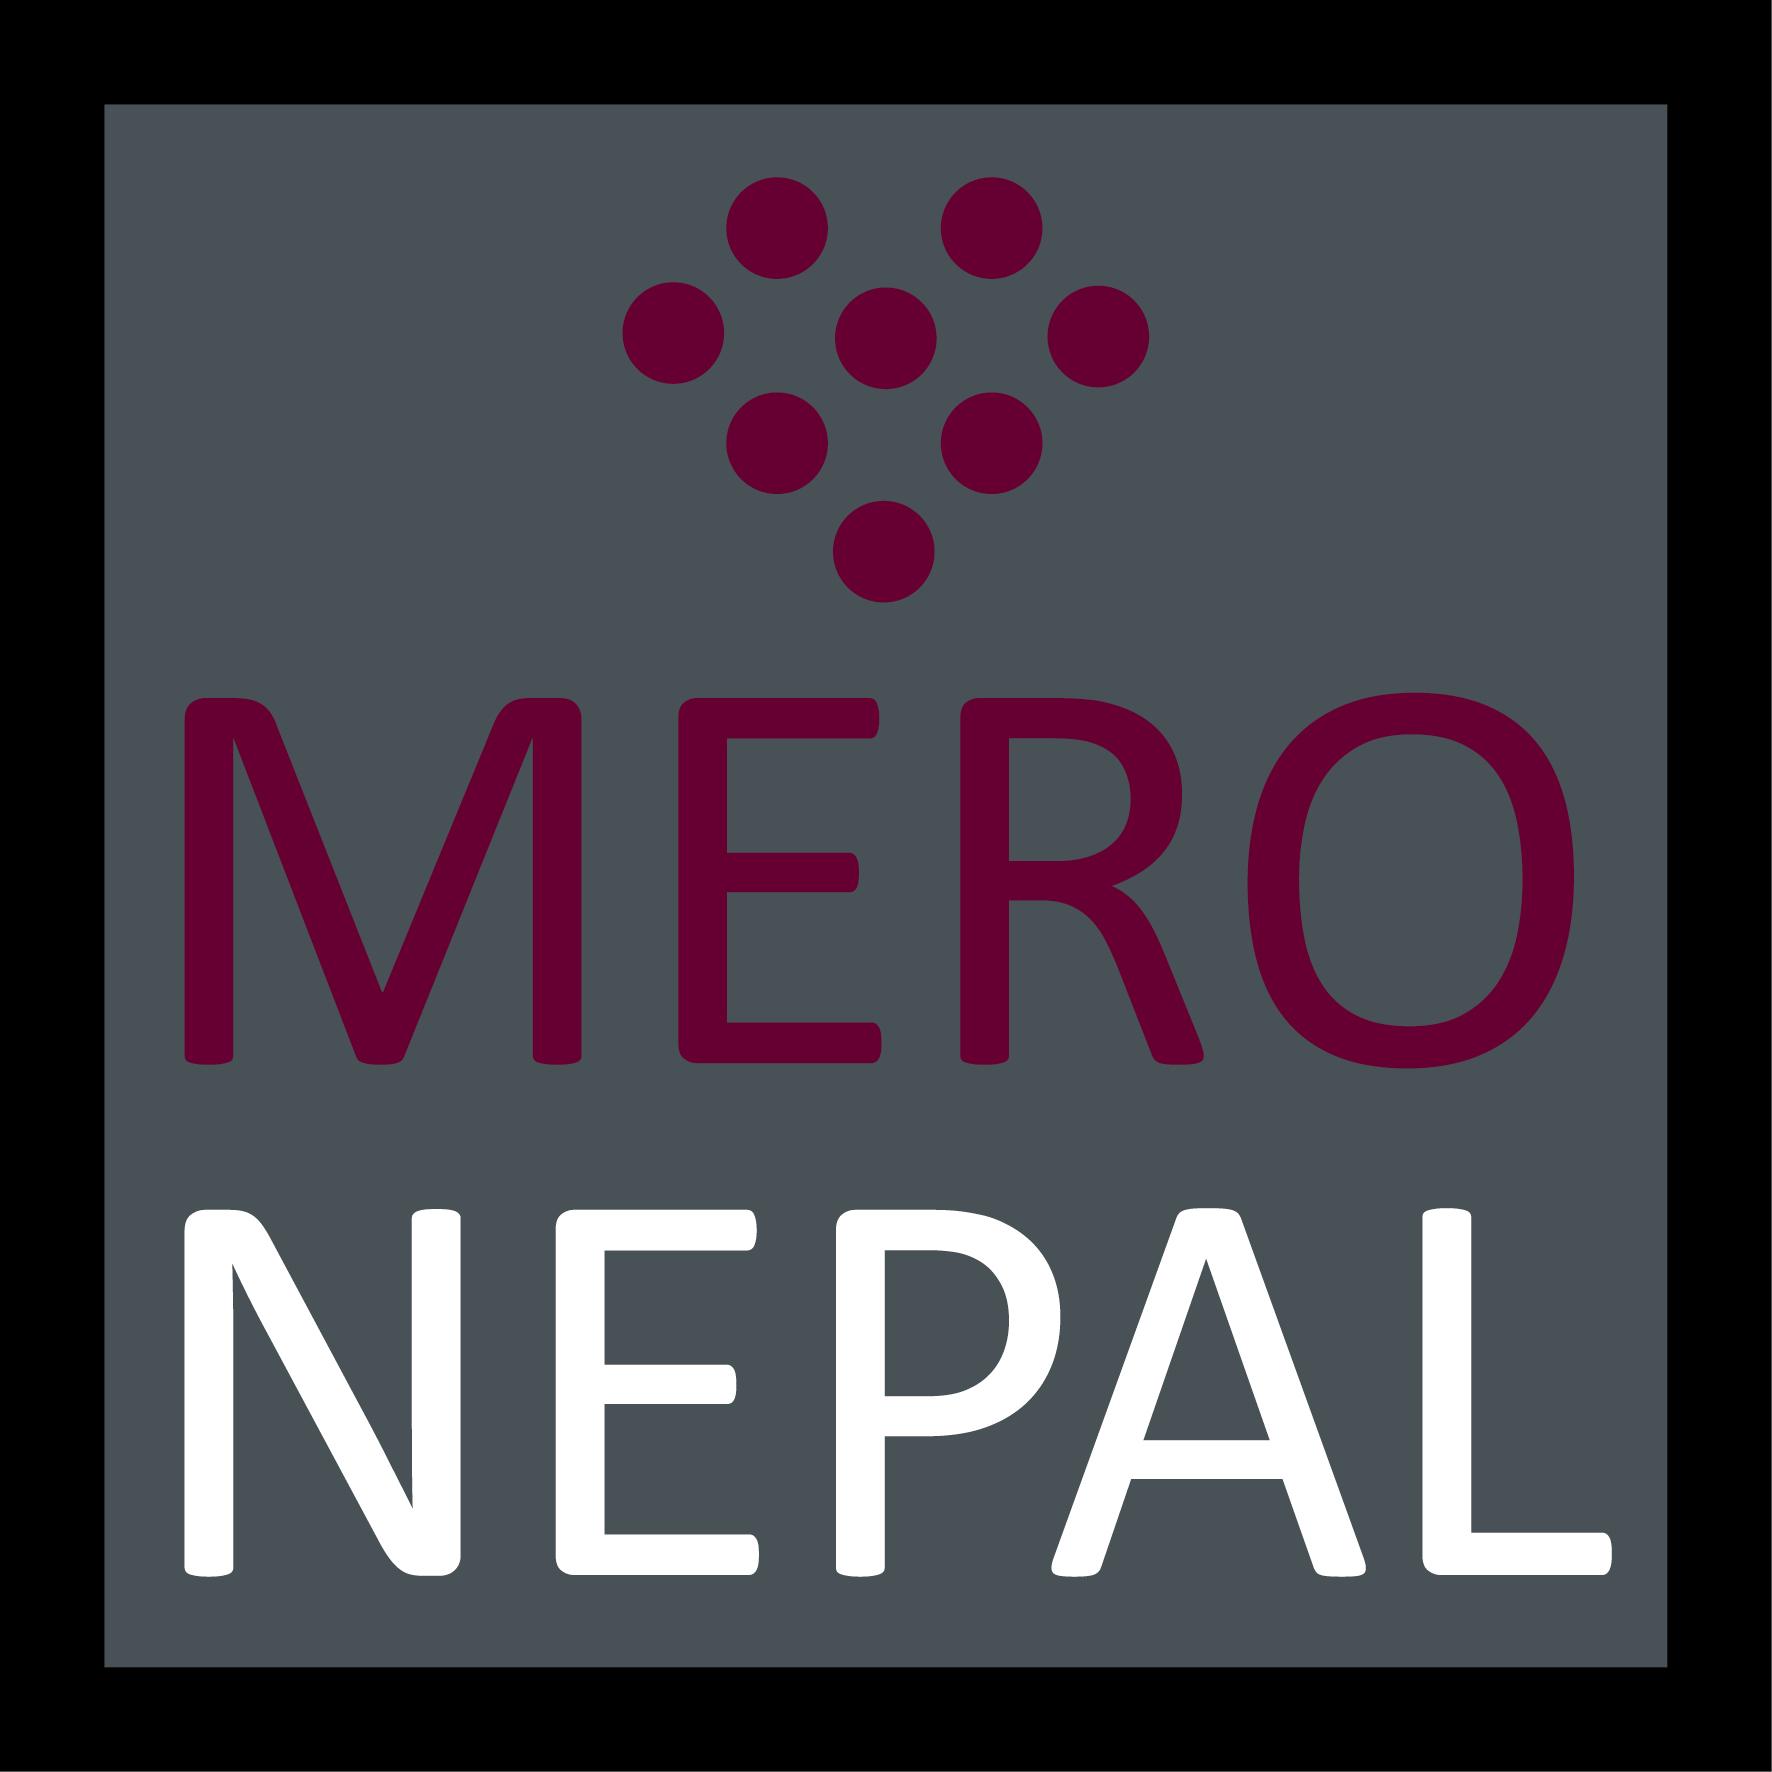 Mein Nepal, wir denken an dich und deine Betroffenen.